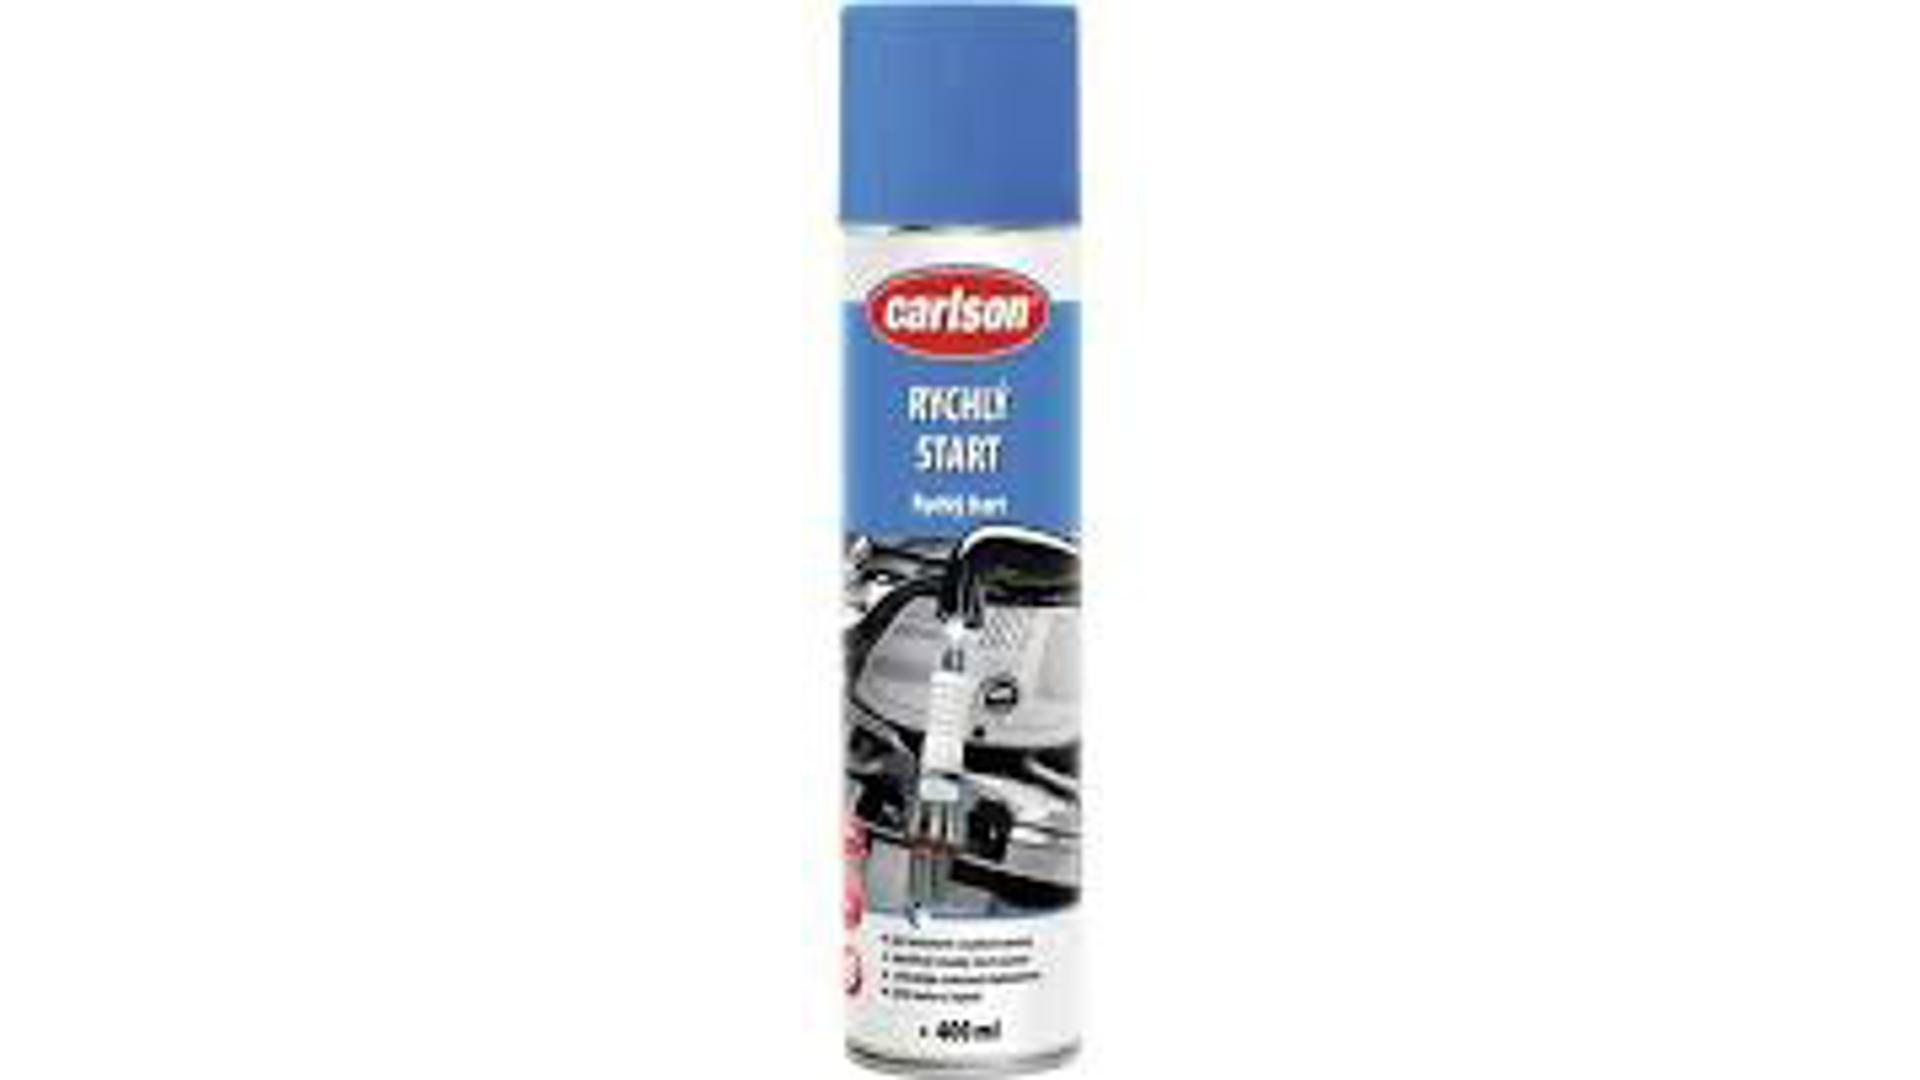 CARLSON rychlý štart 400 ml - aerosol